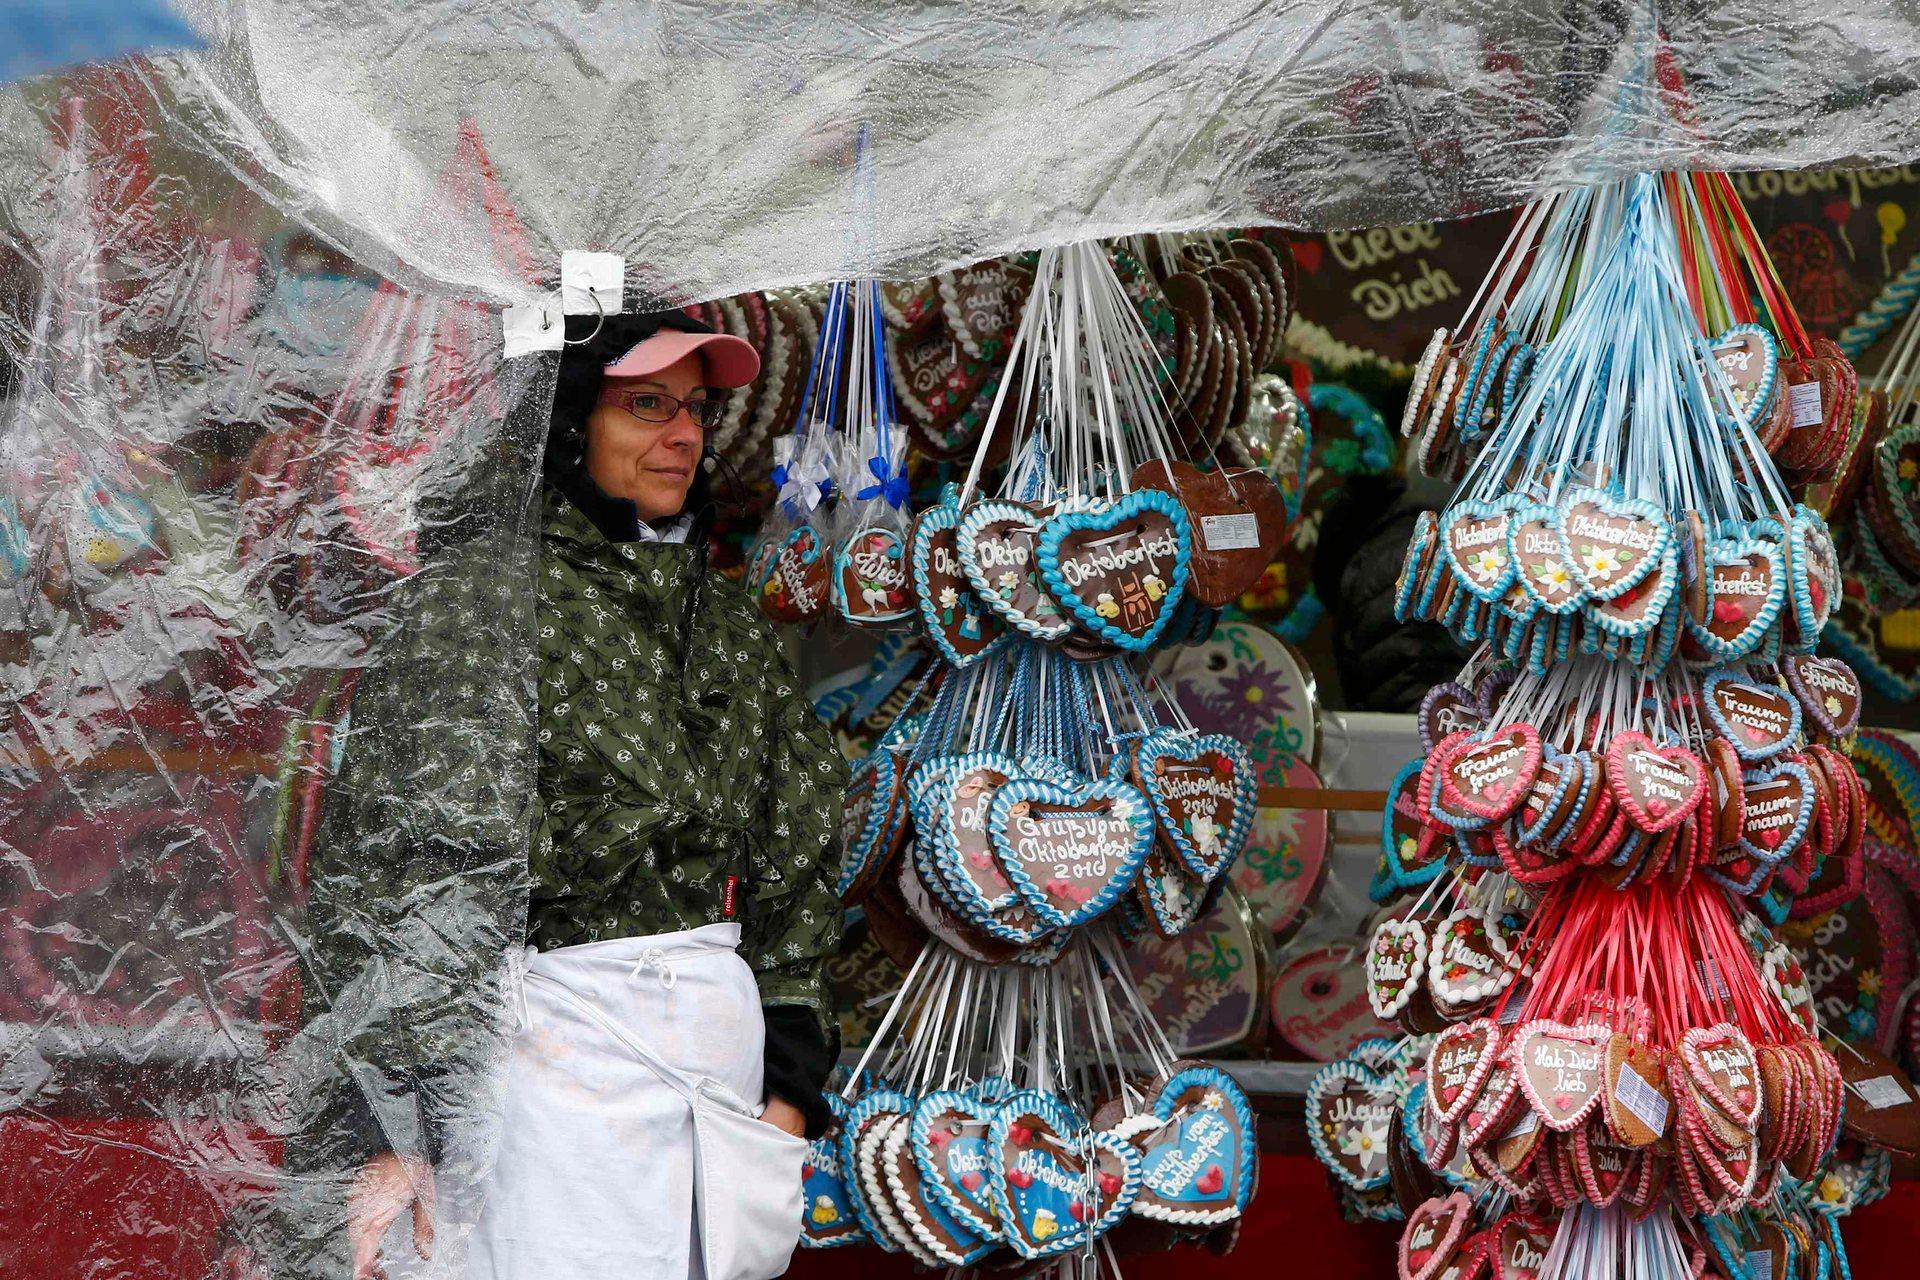 Кроме пива, можно купить различные сувениры и сладости, в том числе имбирные пряники. Фото: Michaela Rehle/Reuters